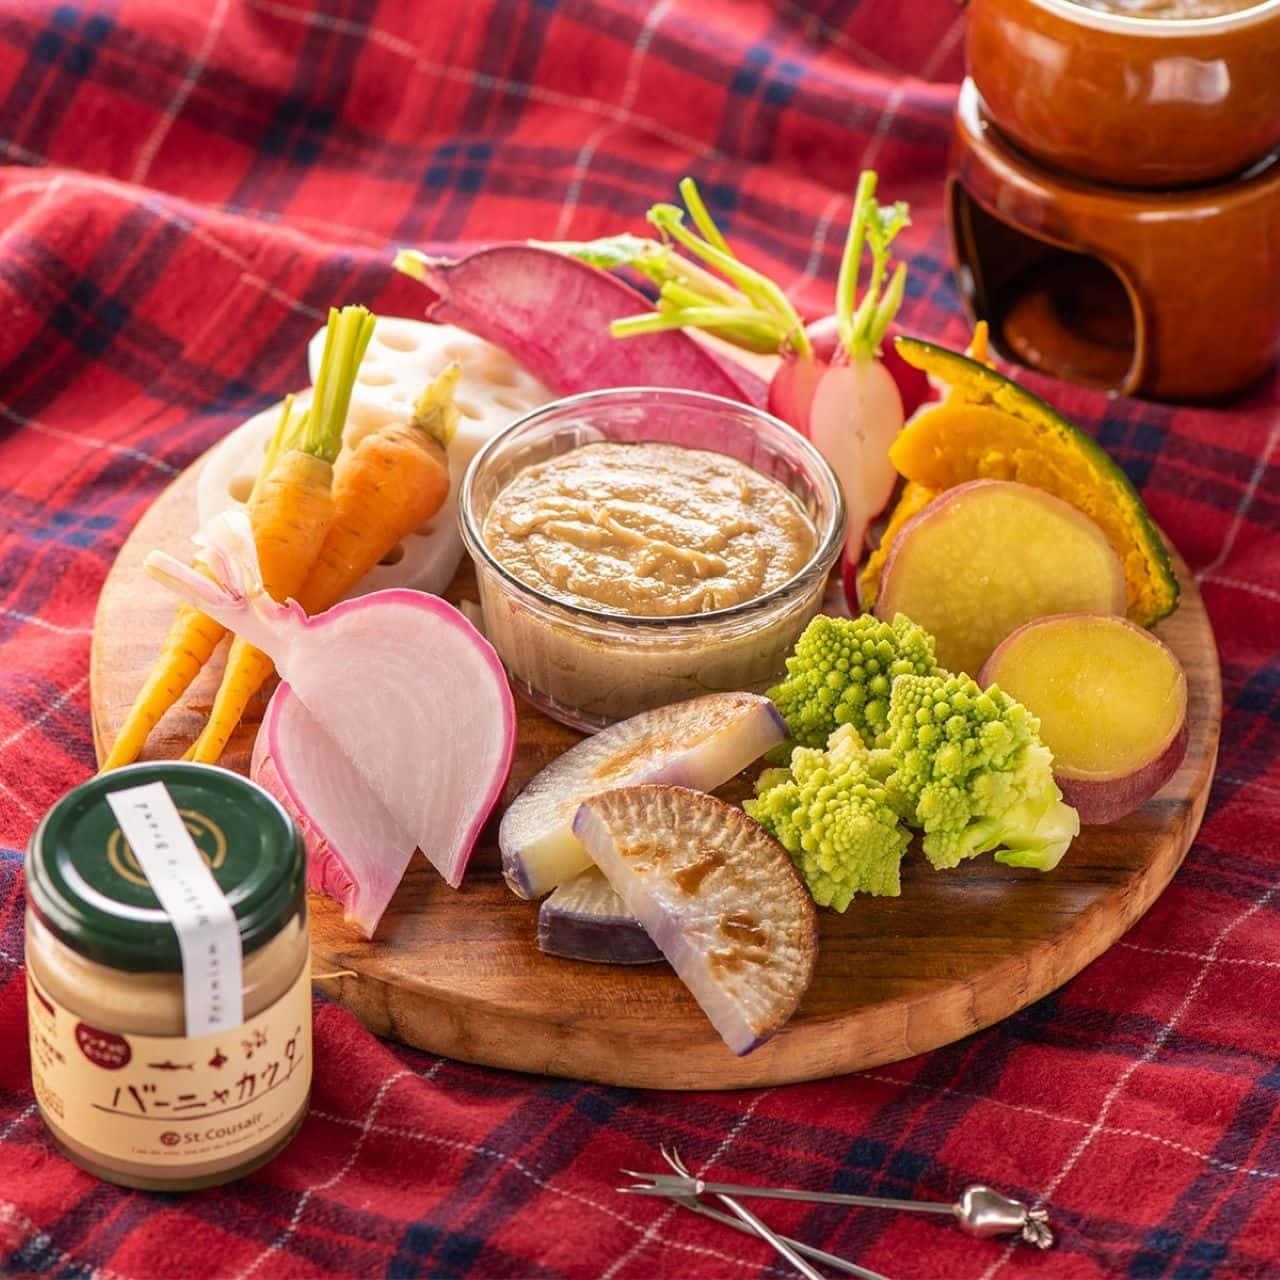 サンクゼール「バーニャカウダ」の野菜ディップ